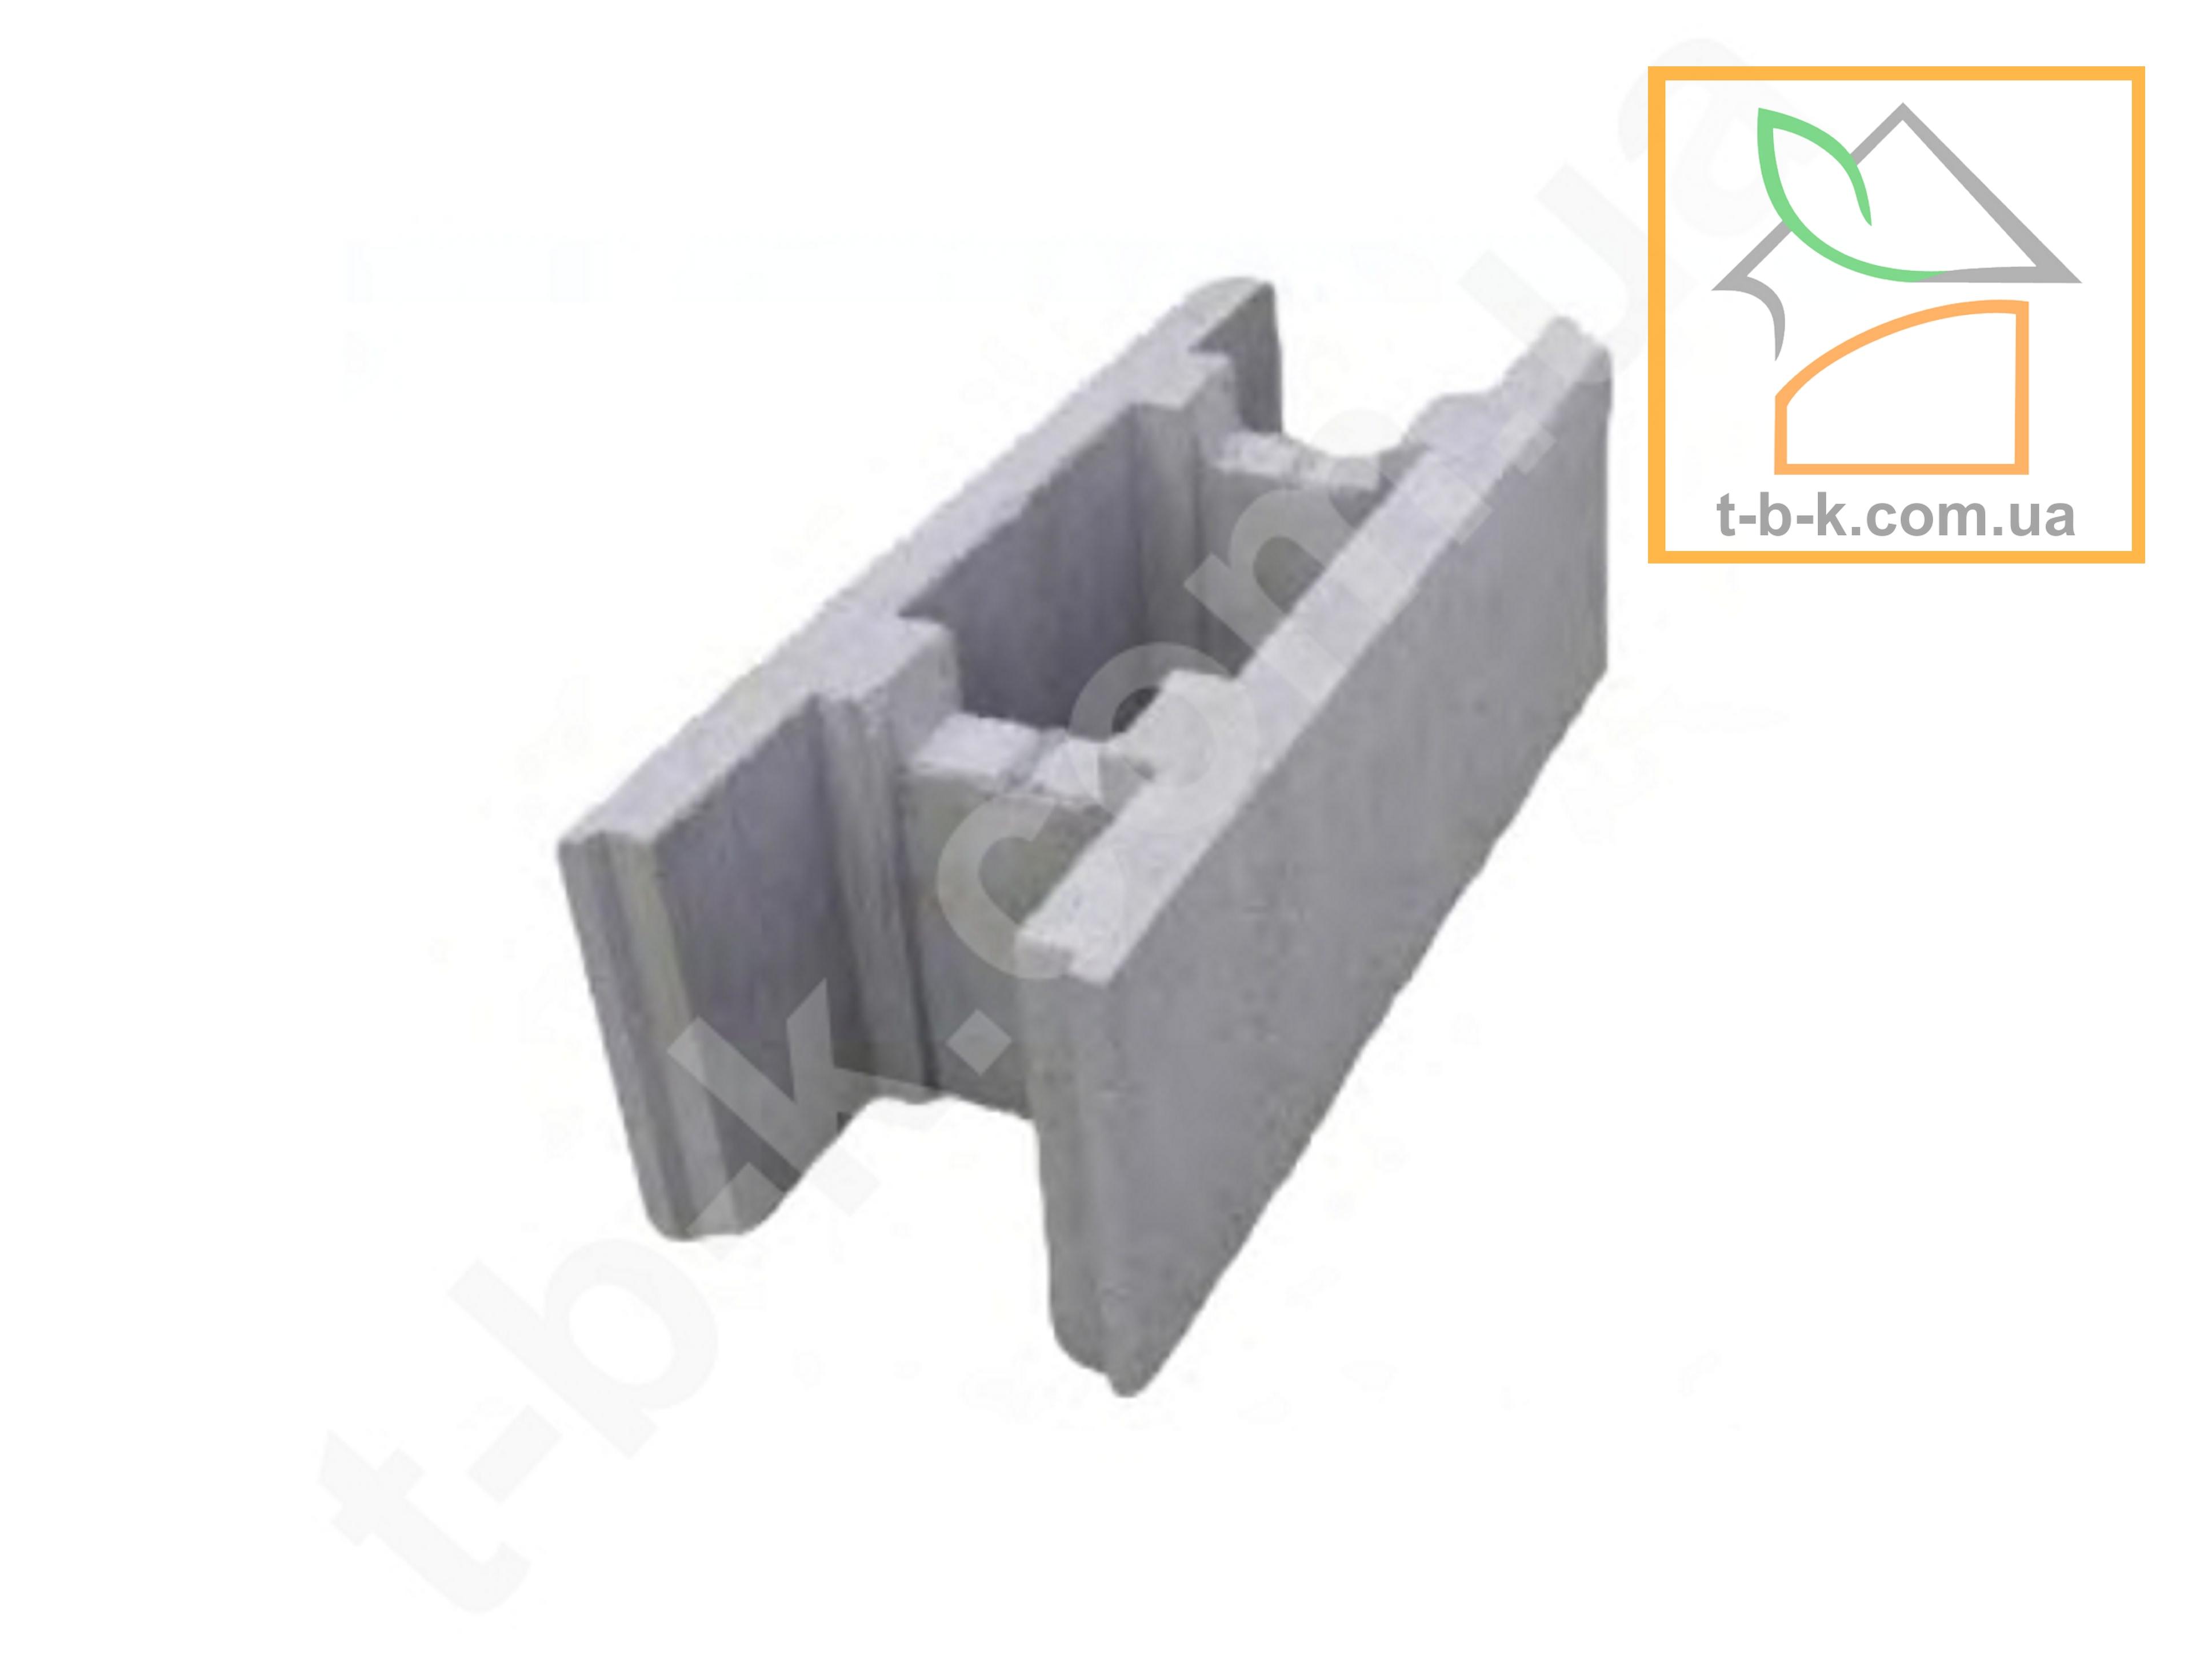 Блок МАЛЫЙ бетонный несъемной опалубки ТБС 500*250*190